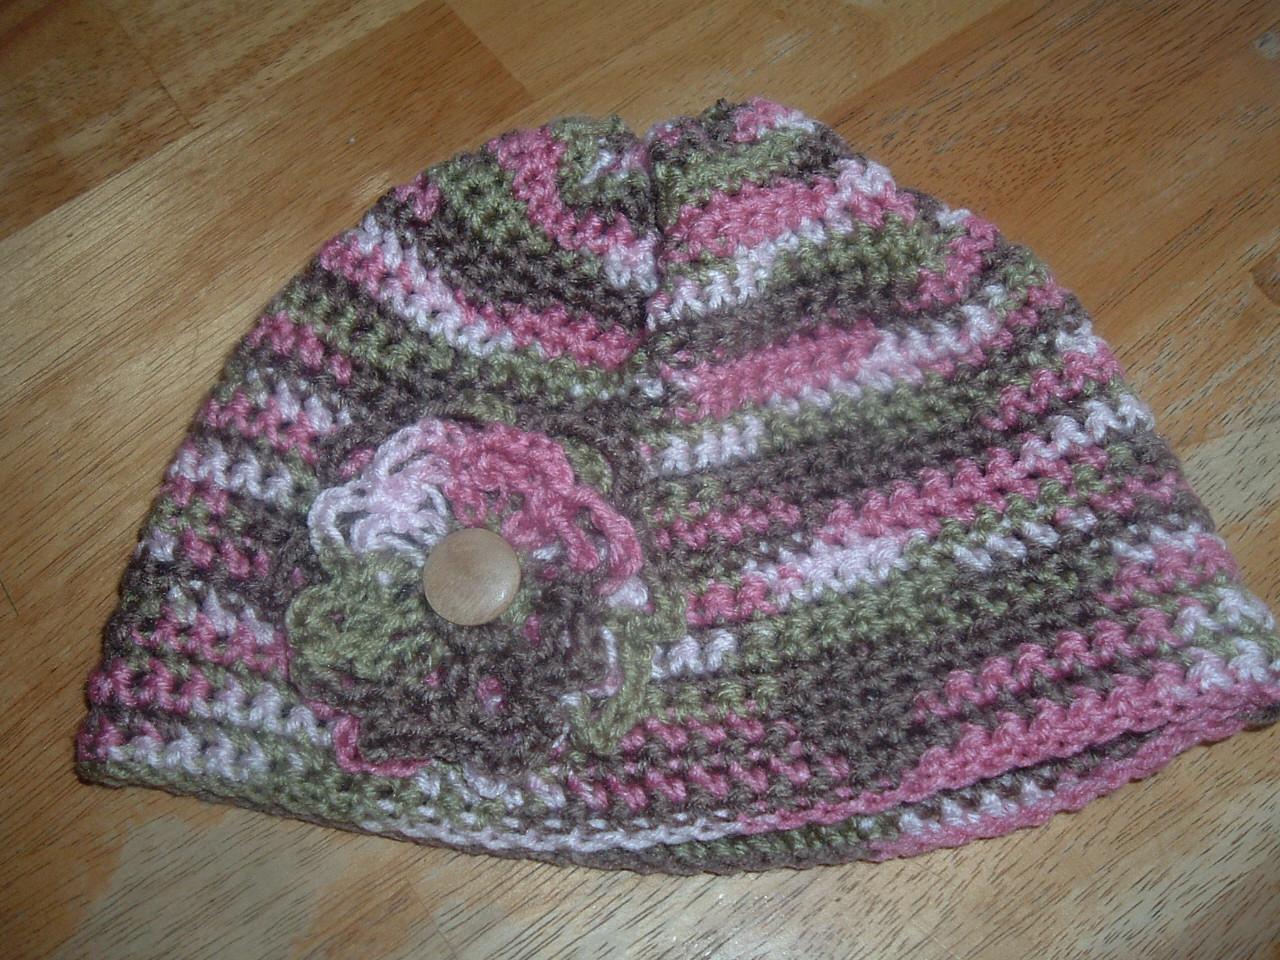 Homespun Inspirations: Crocheted Hats & Headbands: Where ...